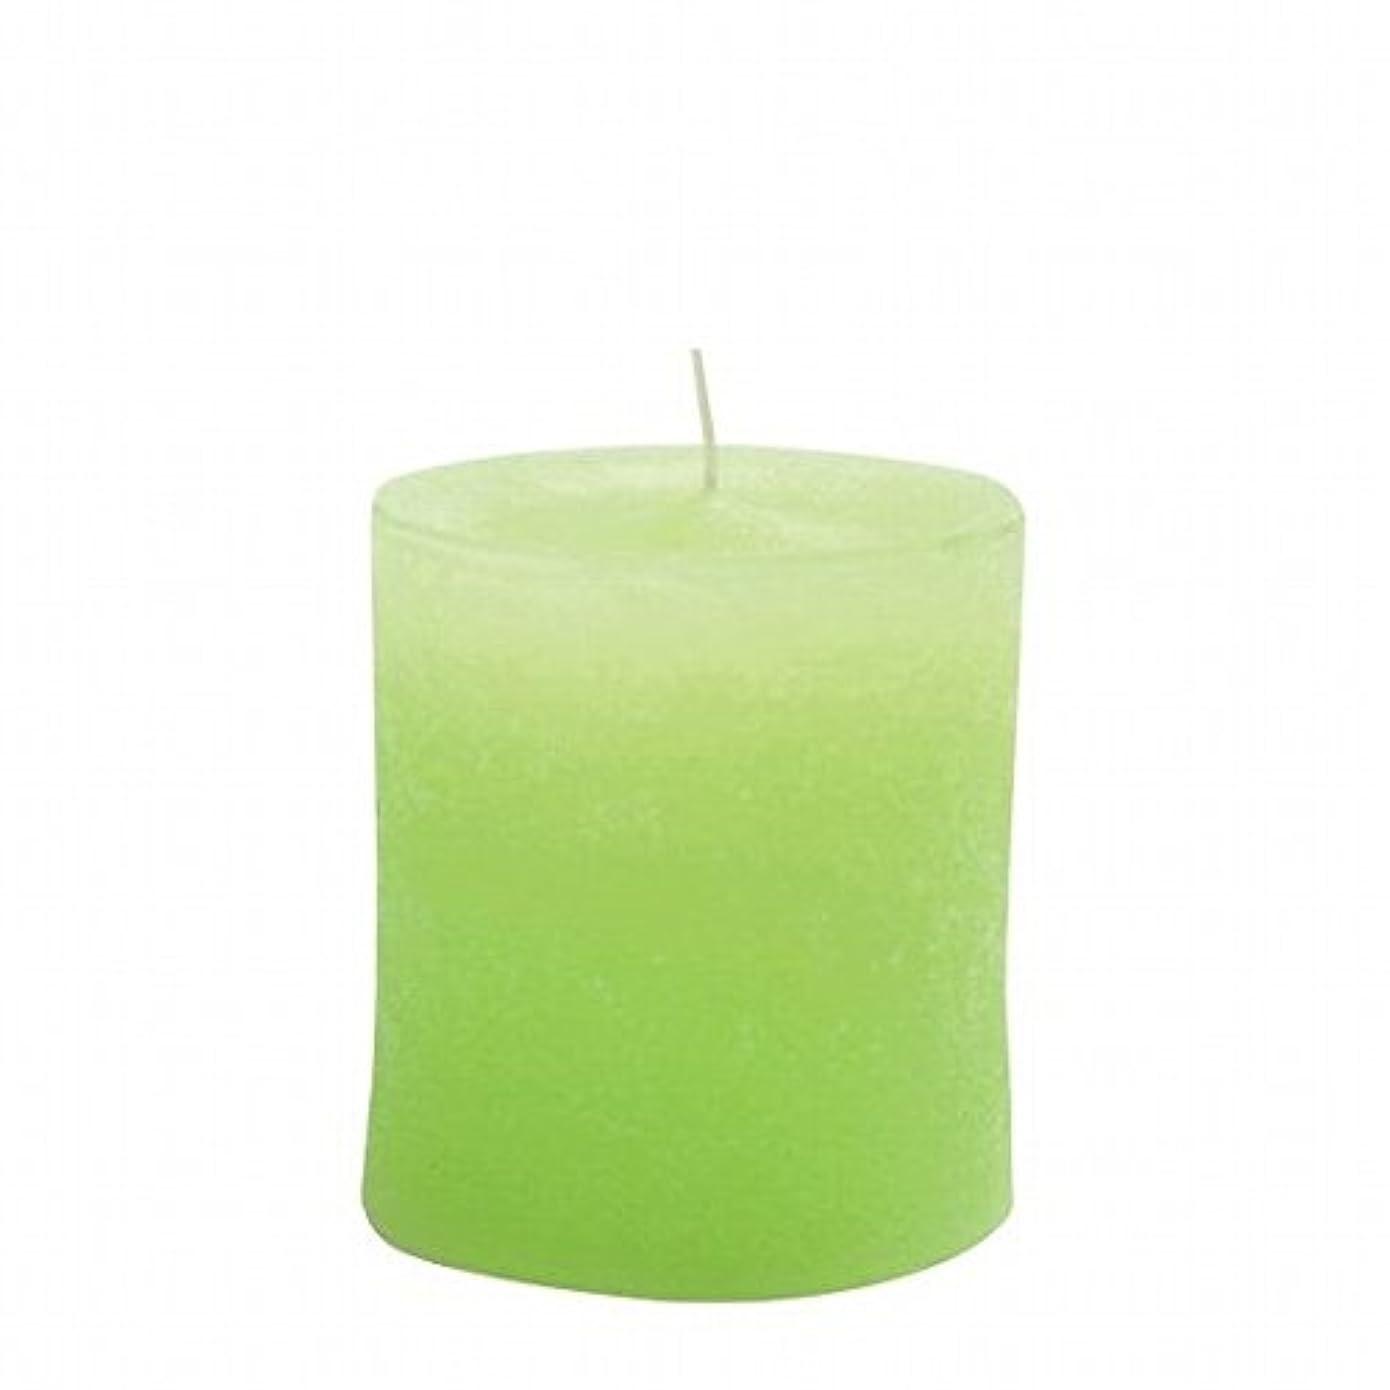 光の君主インシュレータkameyama candle(カメヤマキャンドル) ラスティクピラー70×75 「 ライトグリーン 」(A4930010LG)